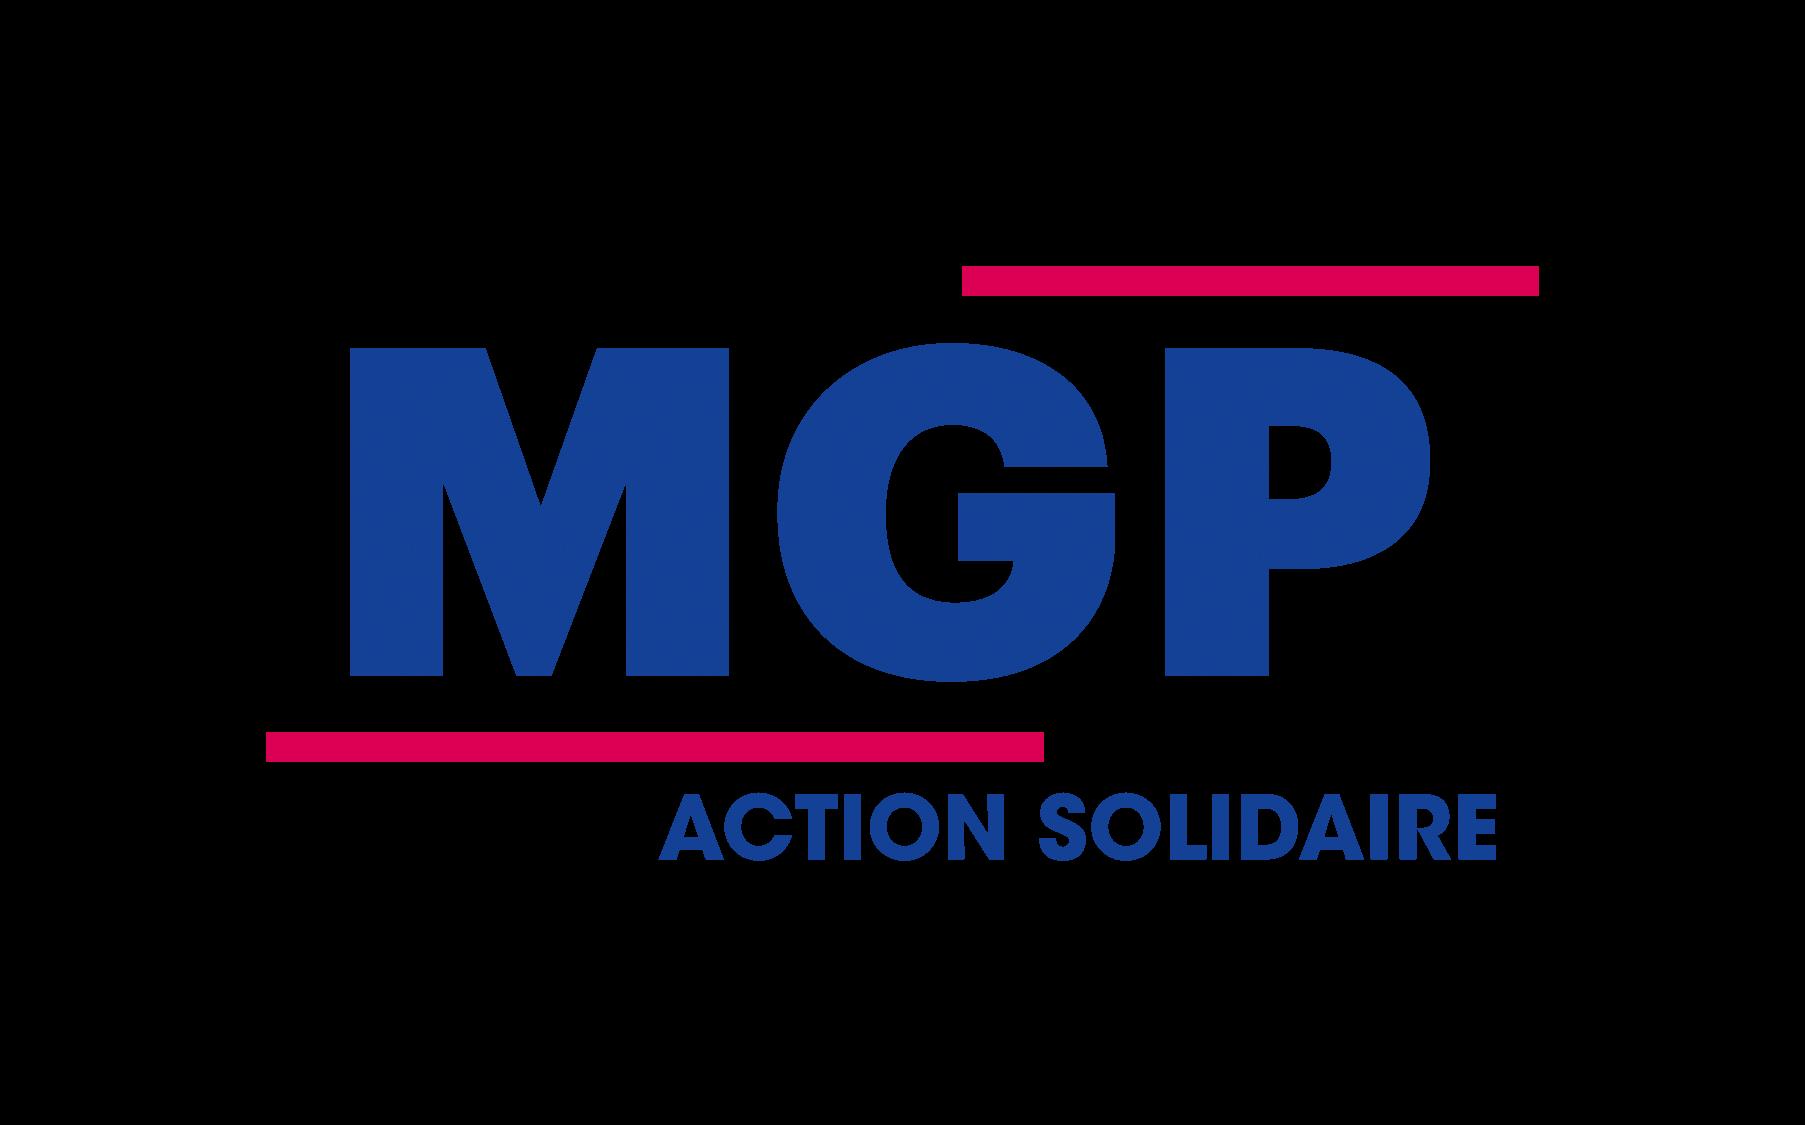 logo-mgp